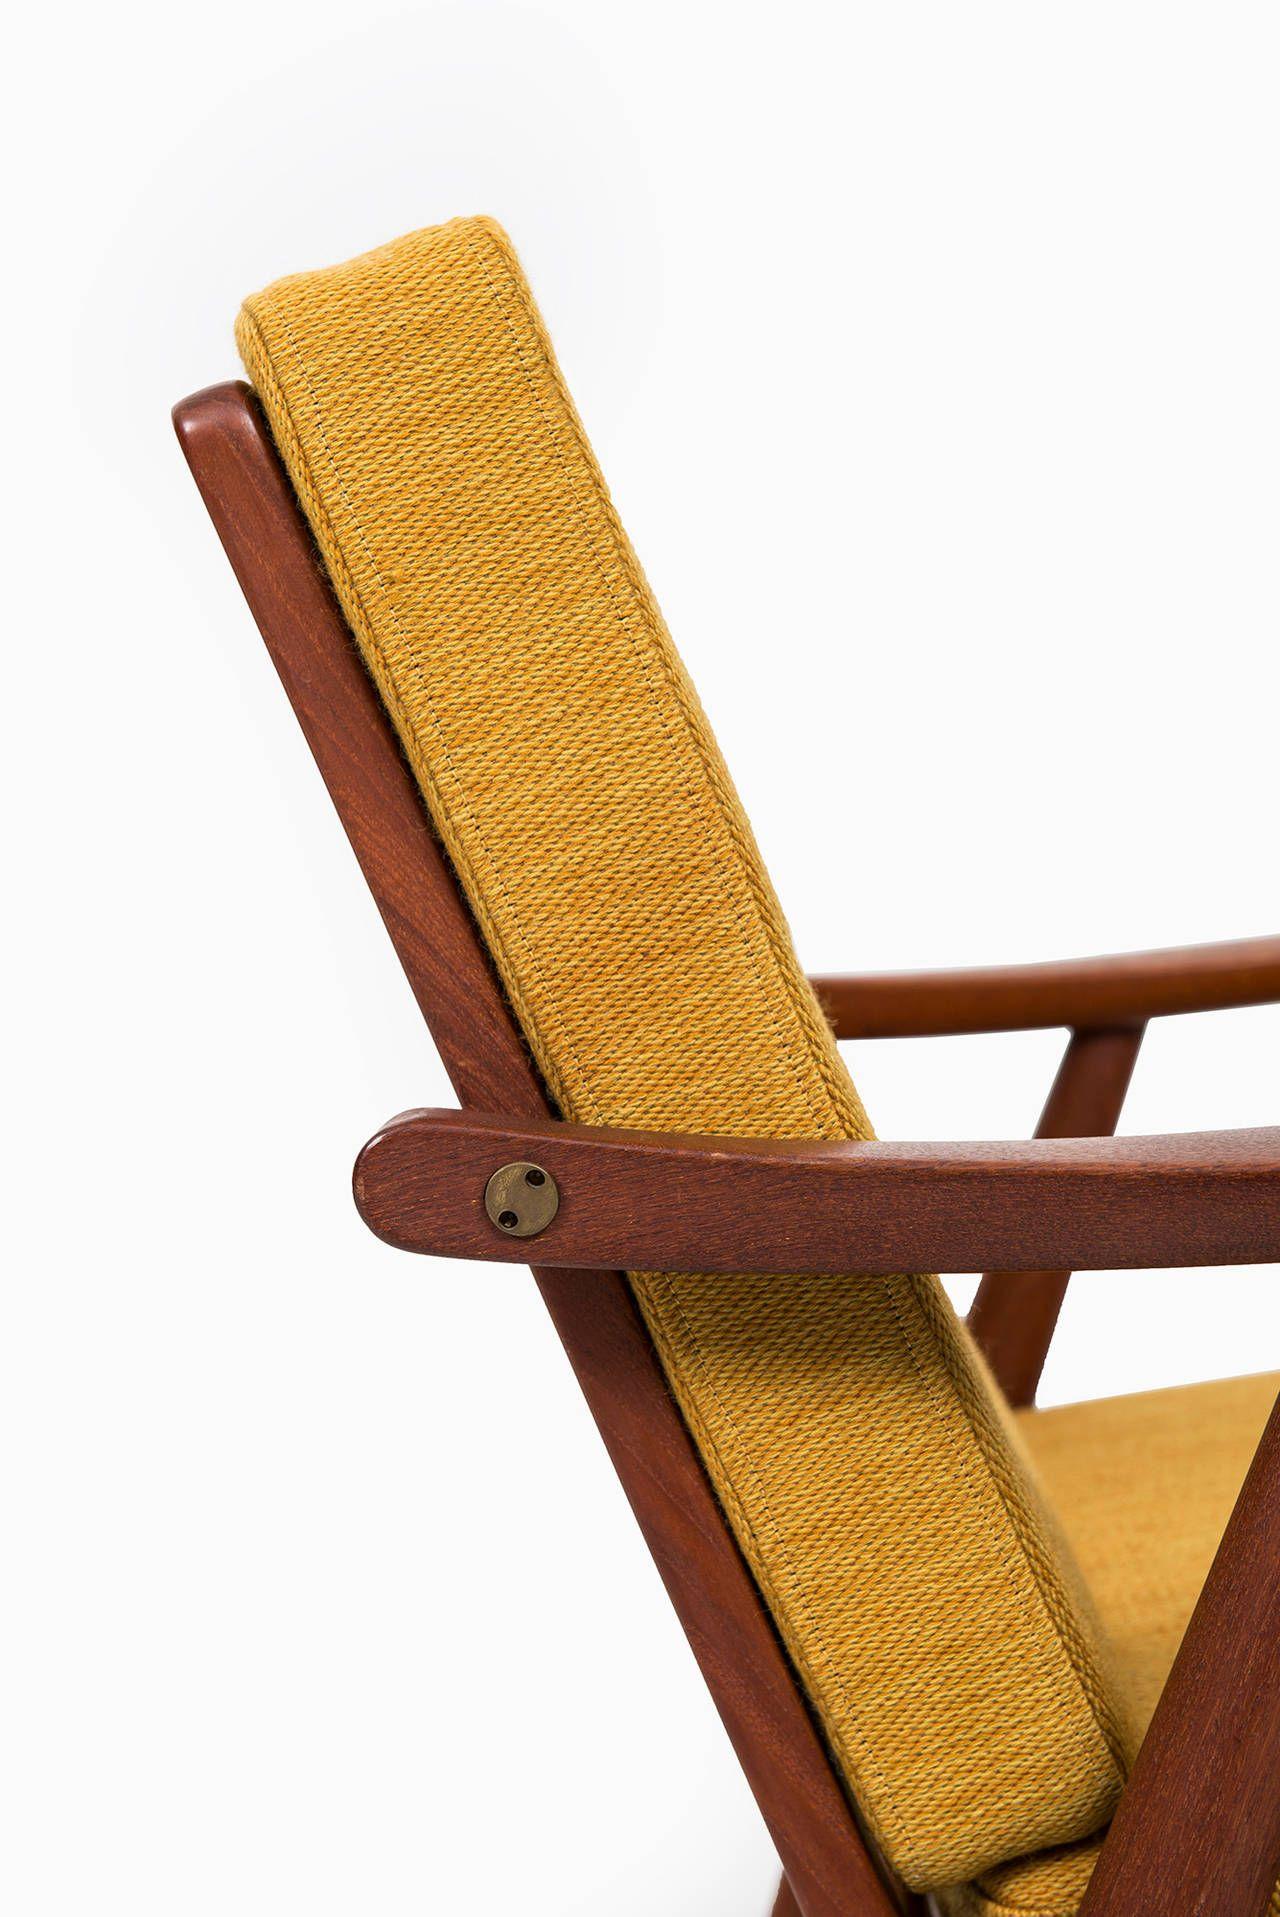 Wooden easy chair models - Hans Wegner Easy Chairs Model Ge 270 By Getama In Denmark